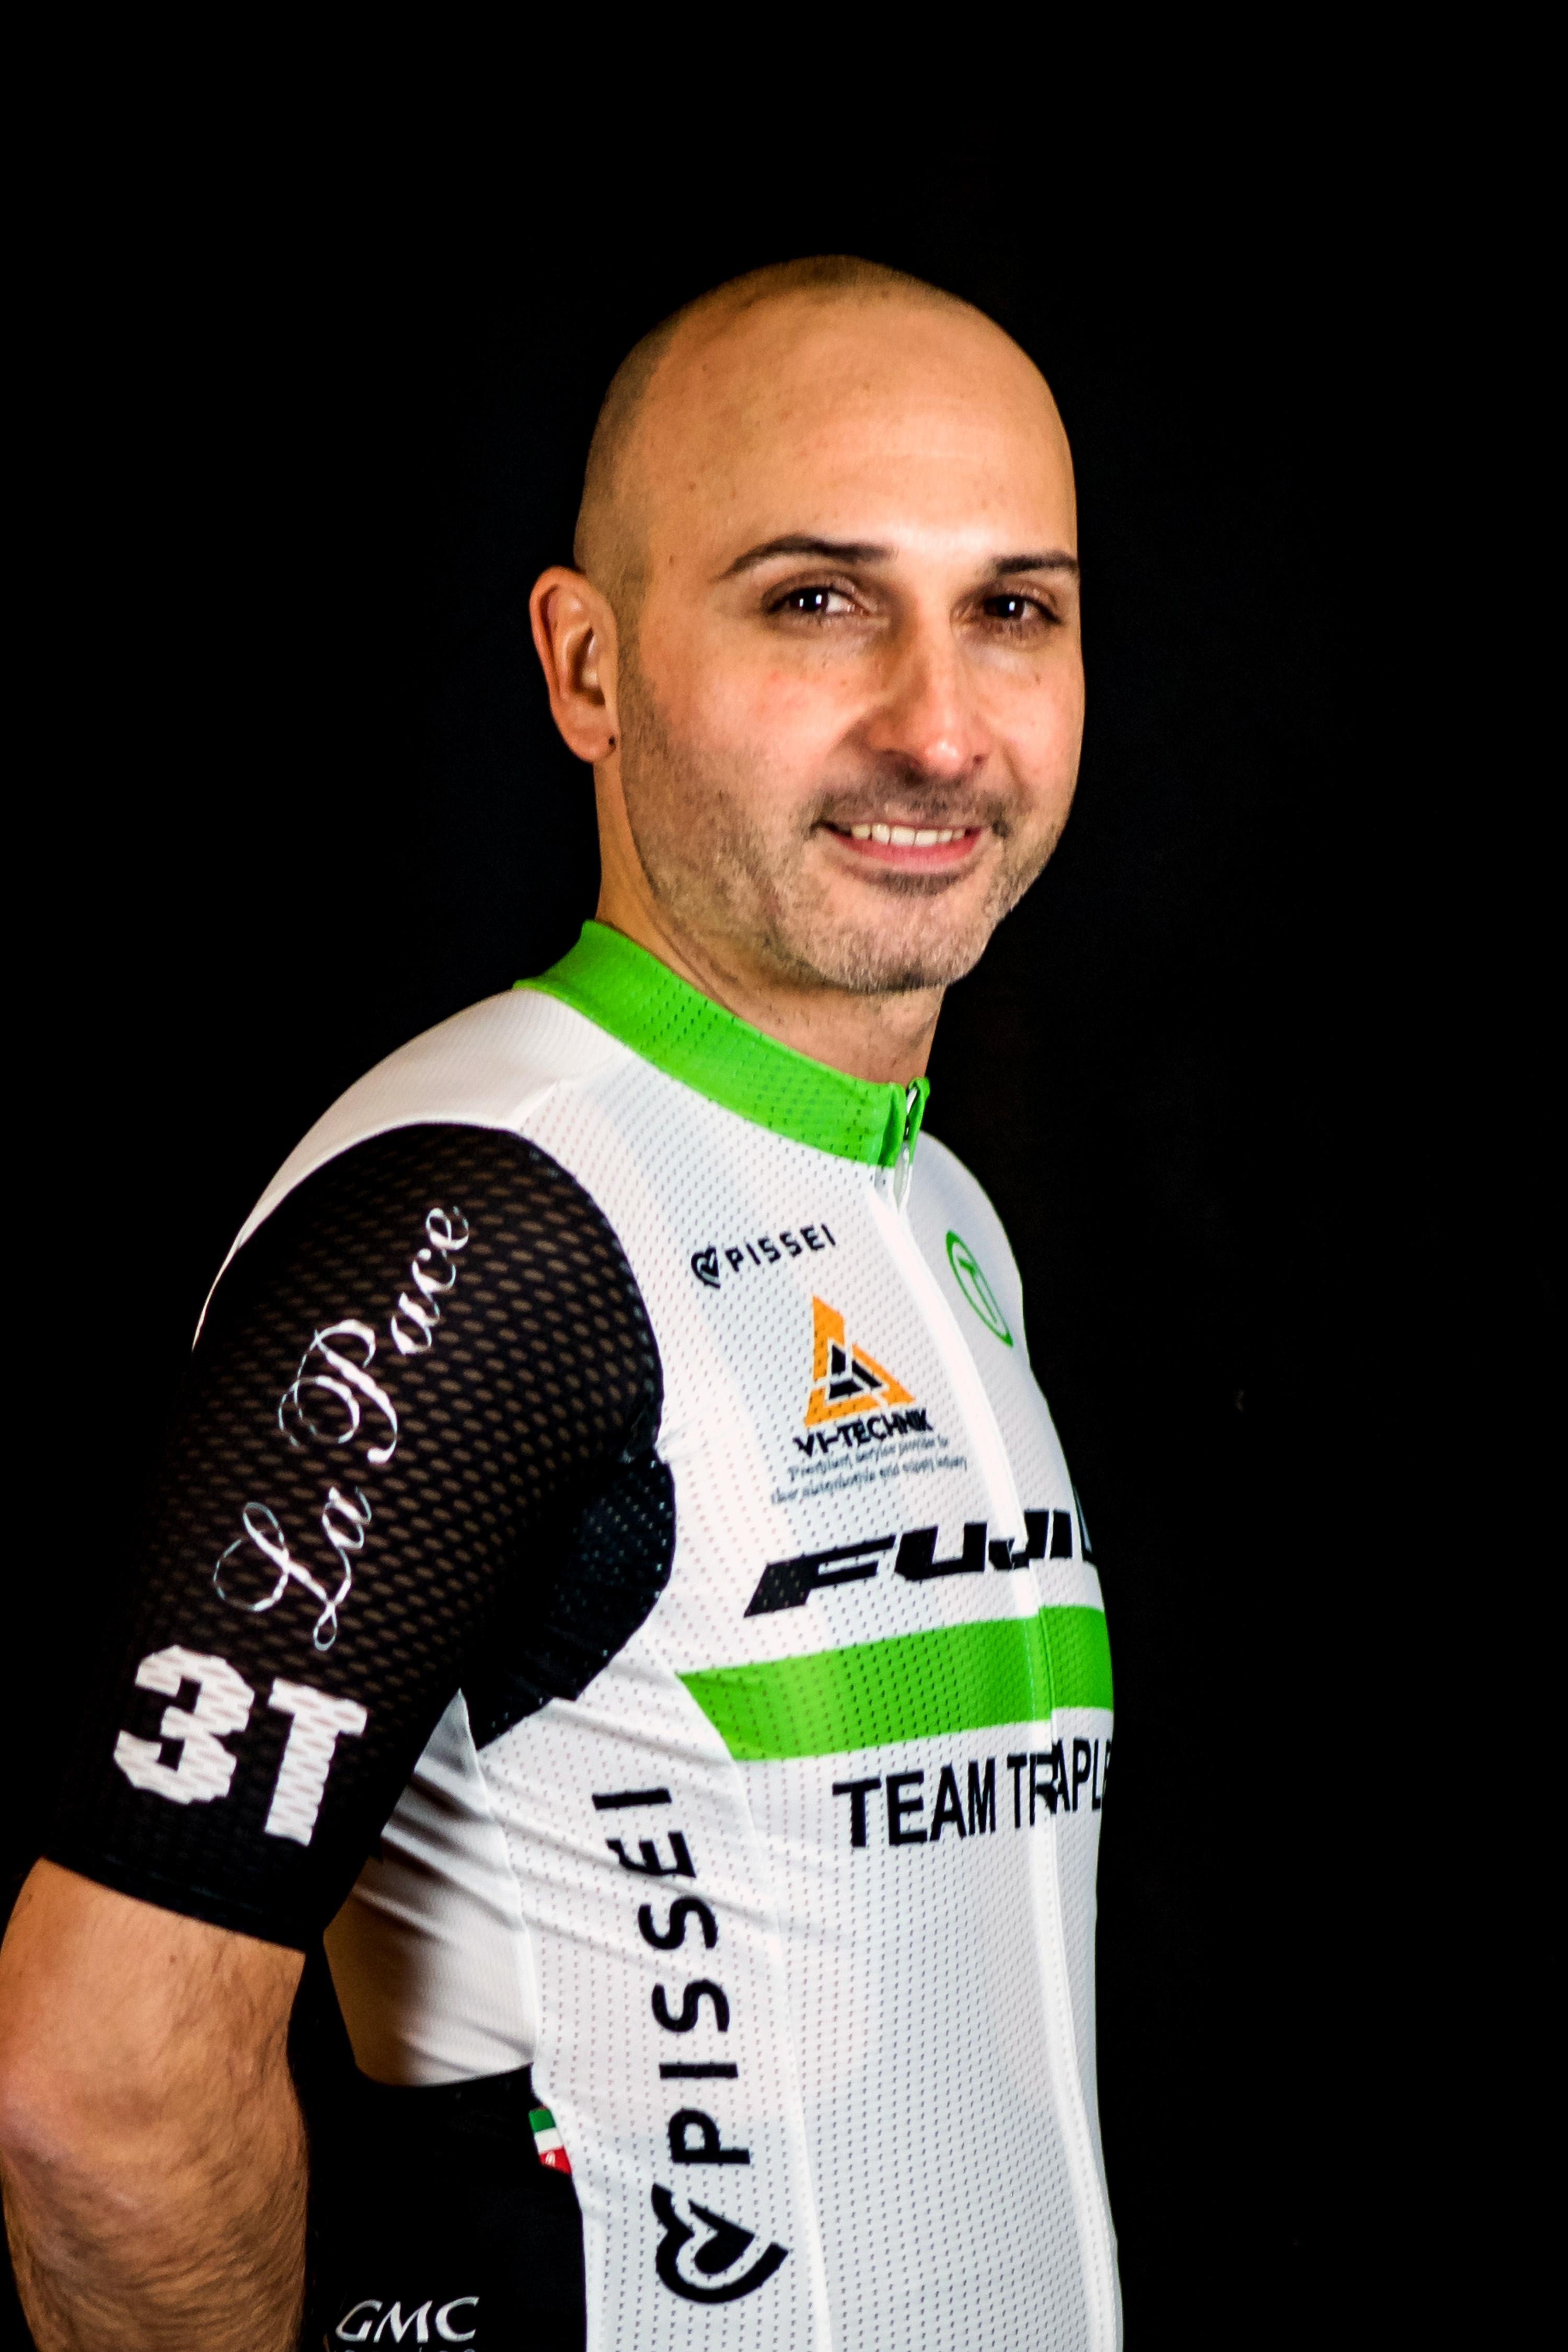 Daniel Trapletti